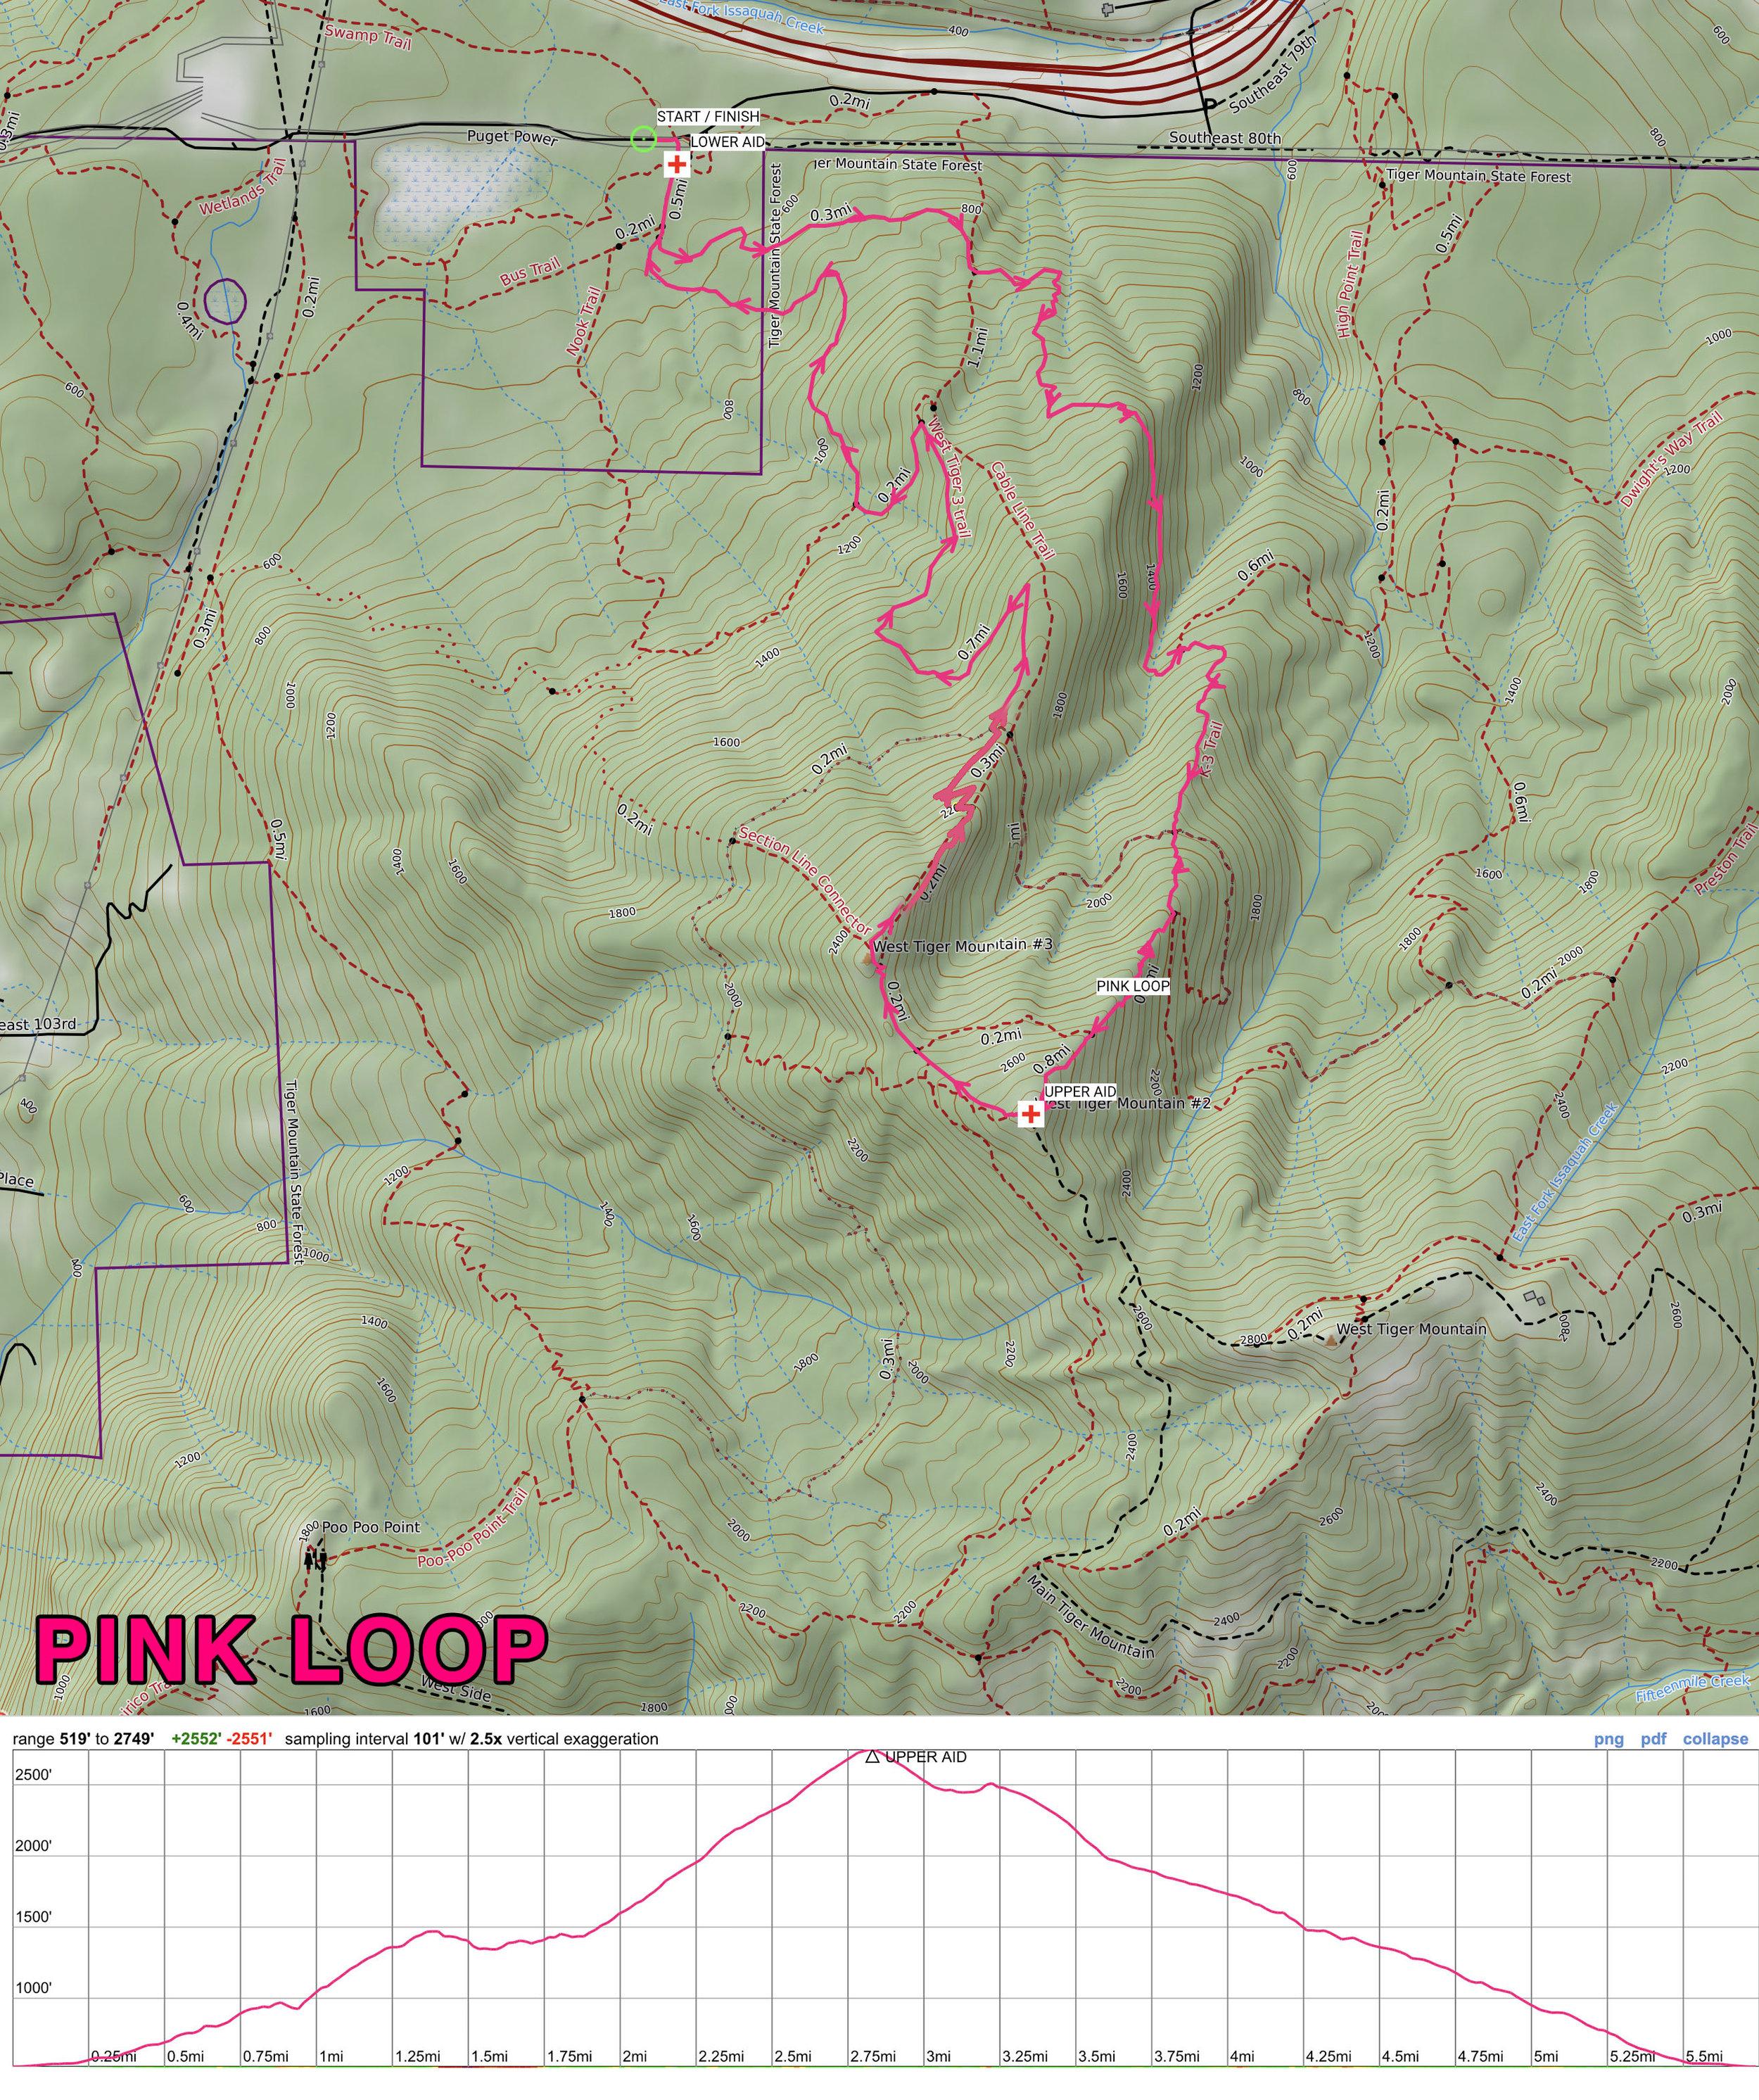 pinkloop.jpg